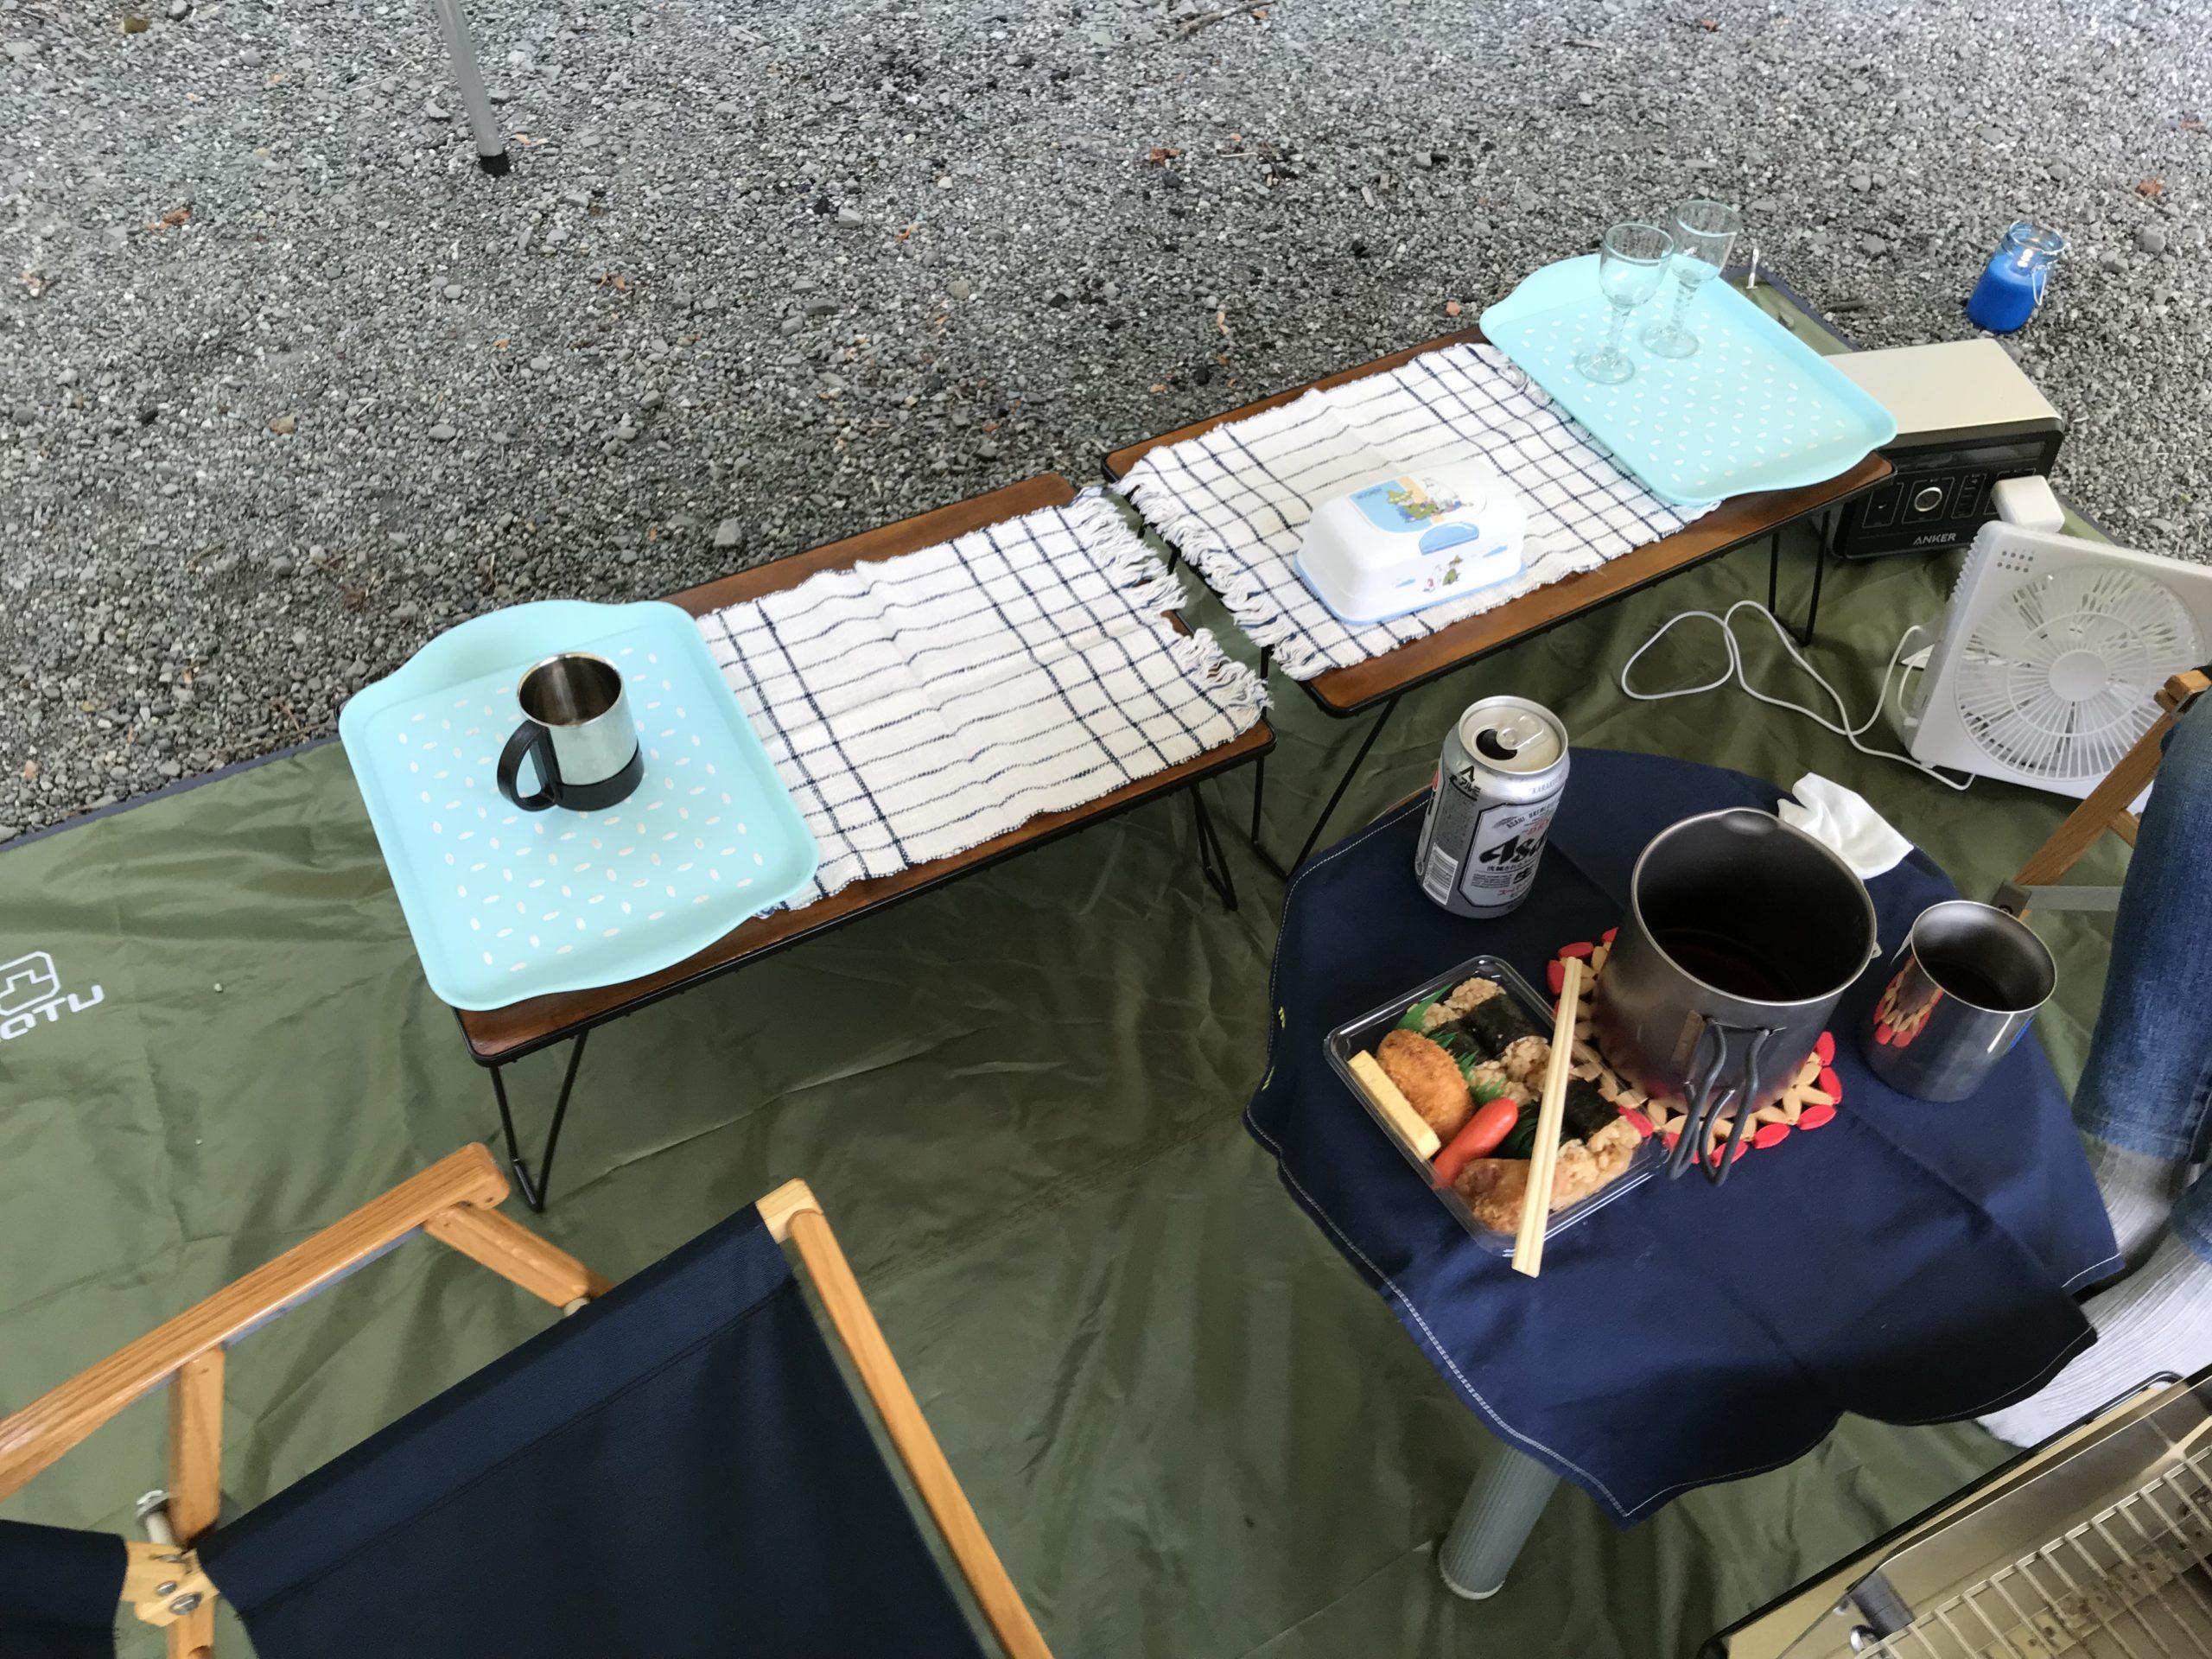 ユニフレームフィールドラックテーブルでキャンプ